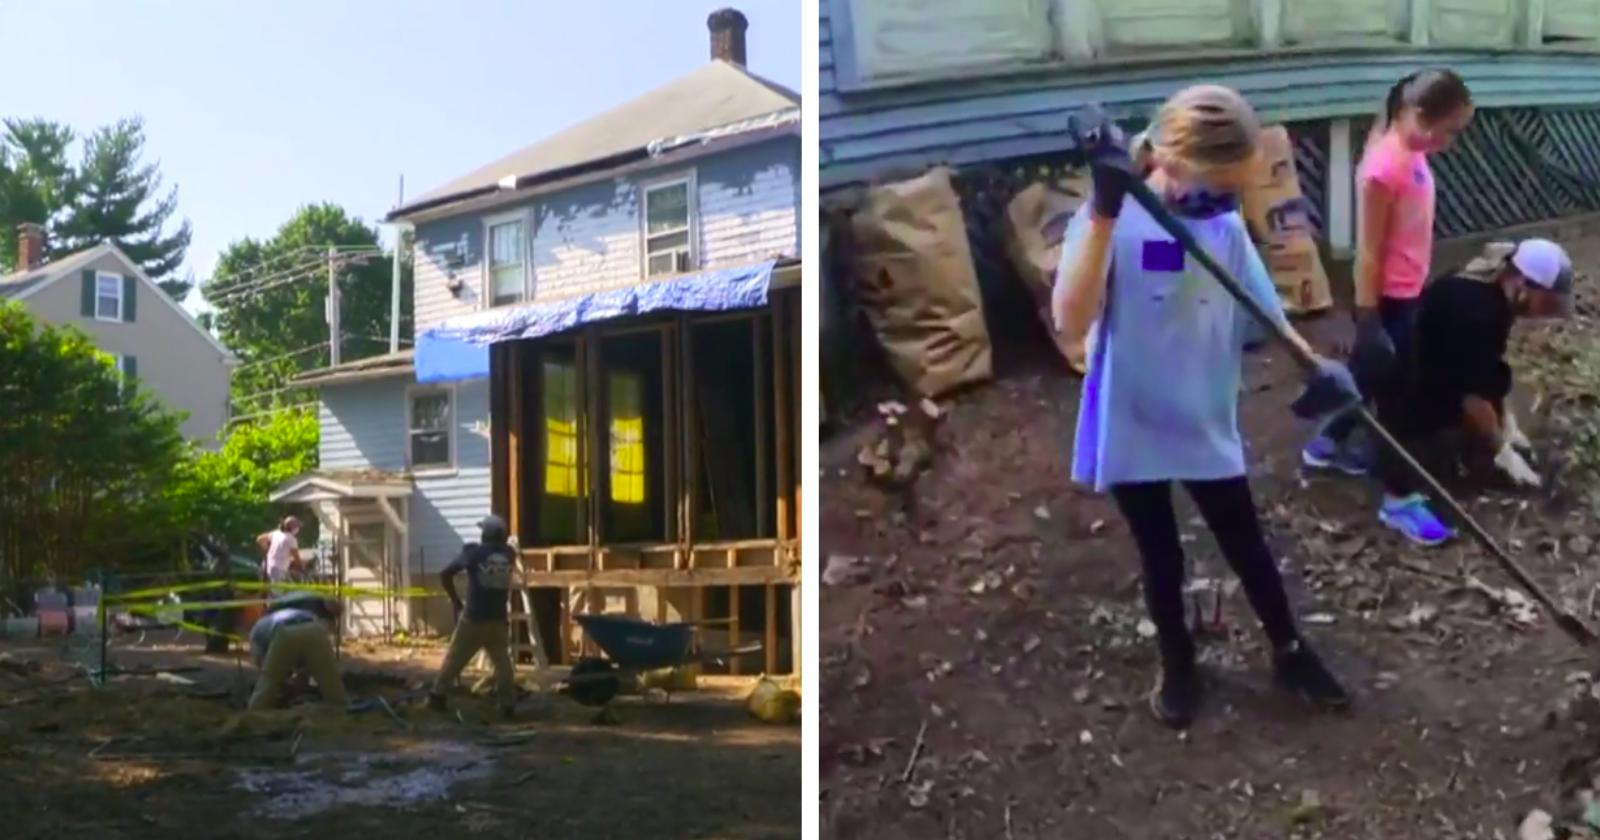 Eletricista reúne comunidade e juntos surpreendem idosa ao transformarem sua casa